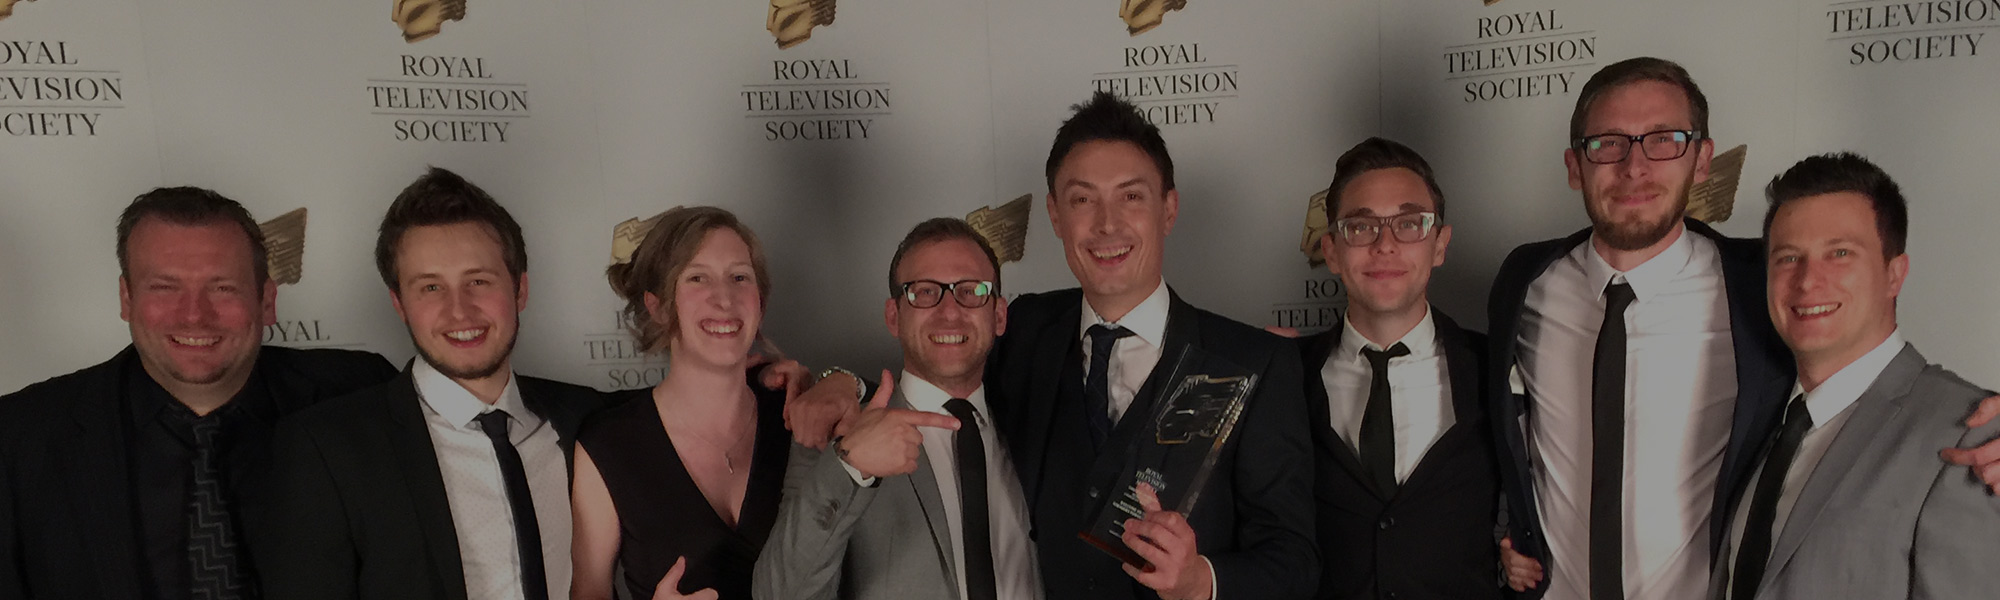 A win for Motiv at the Royal Television Society Awards 2016